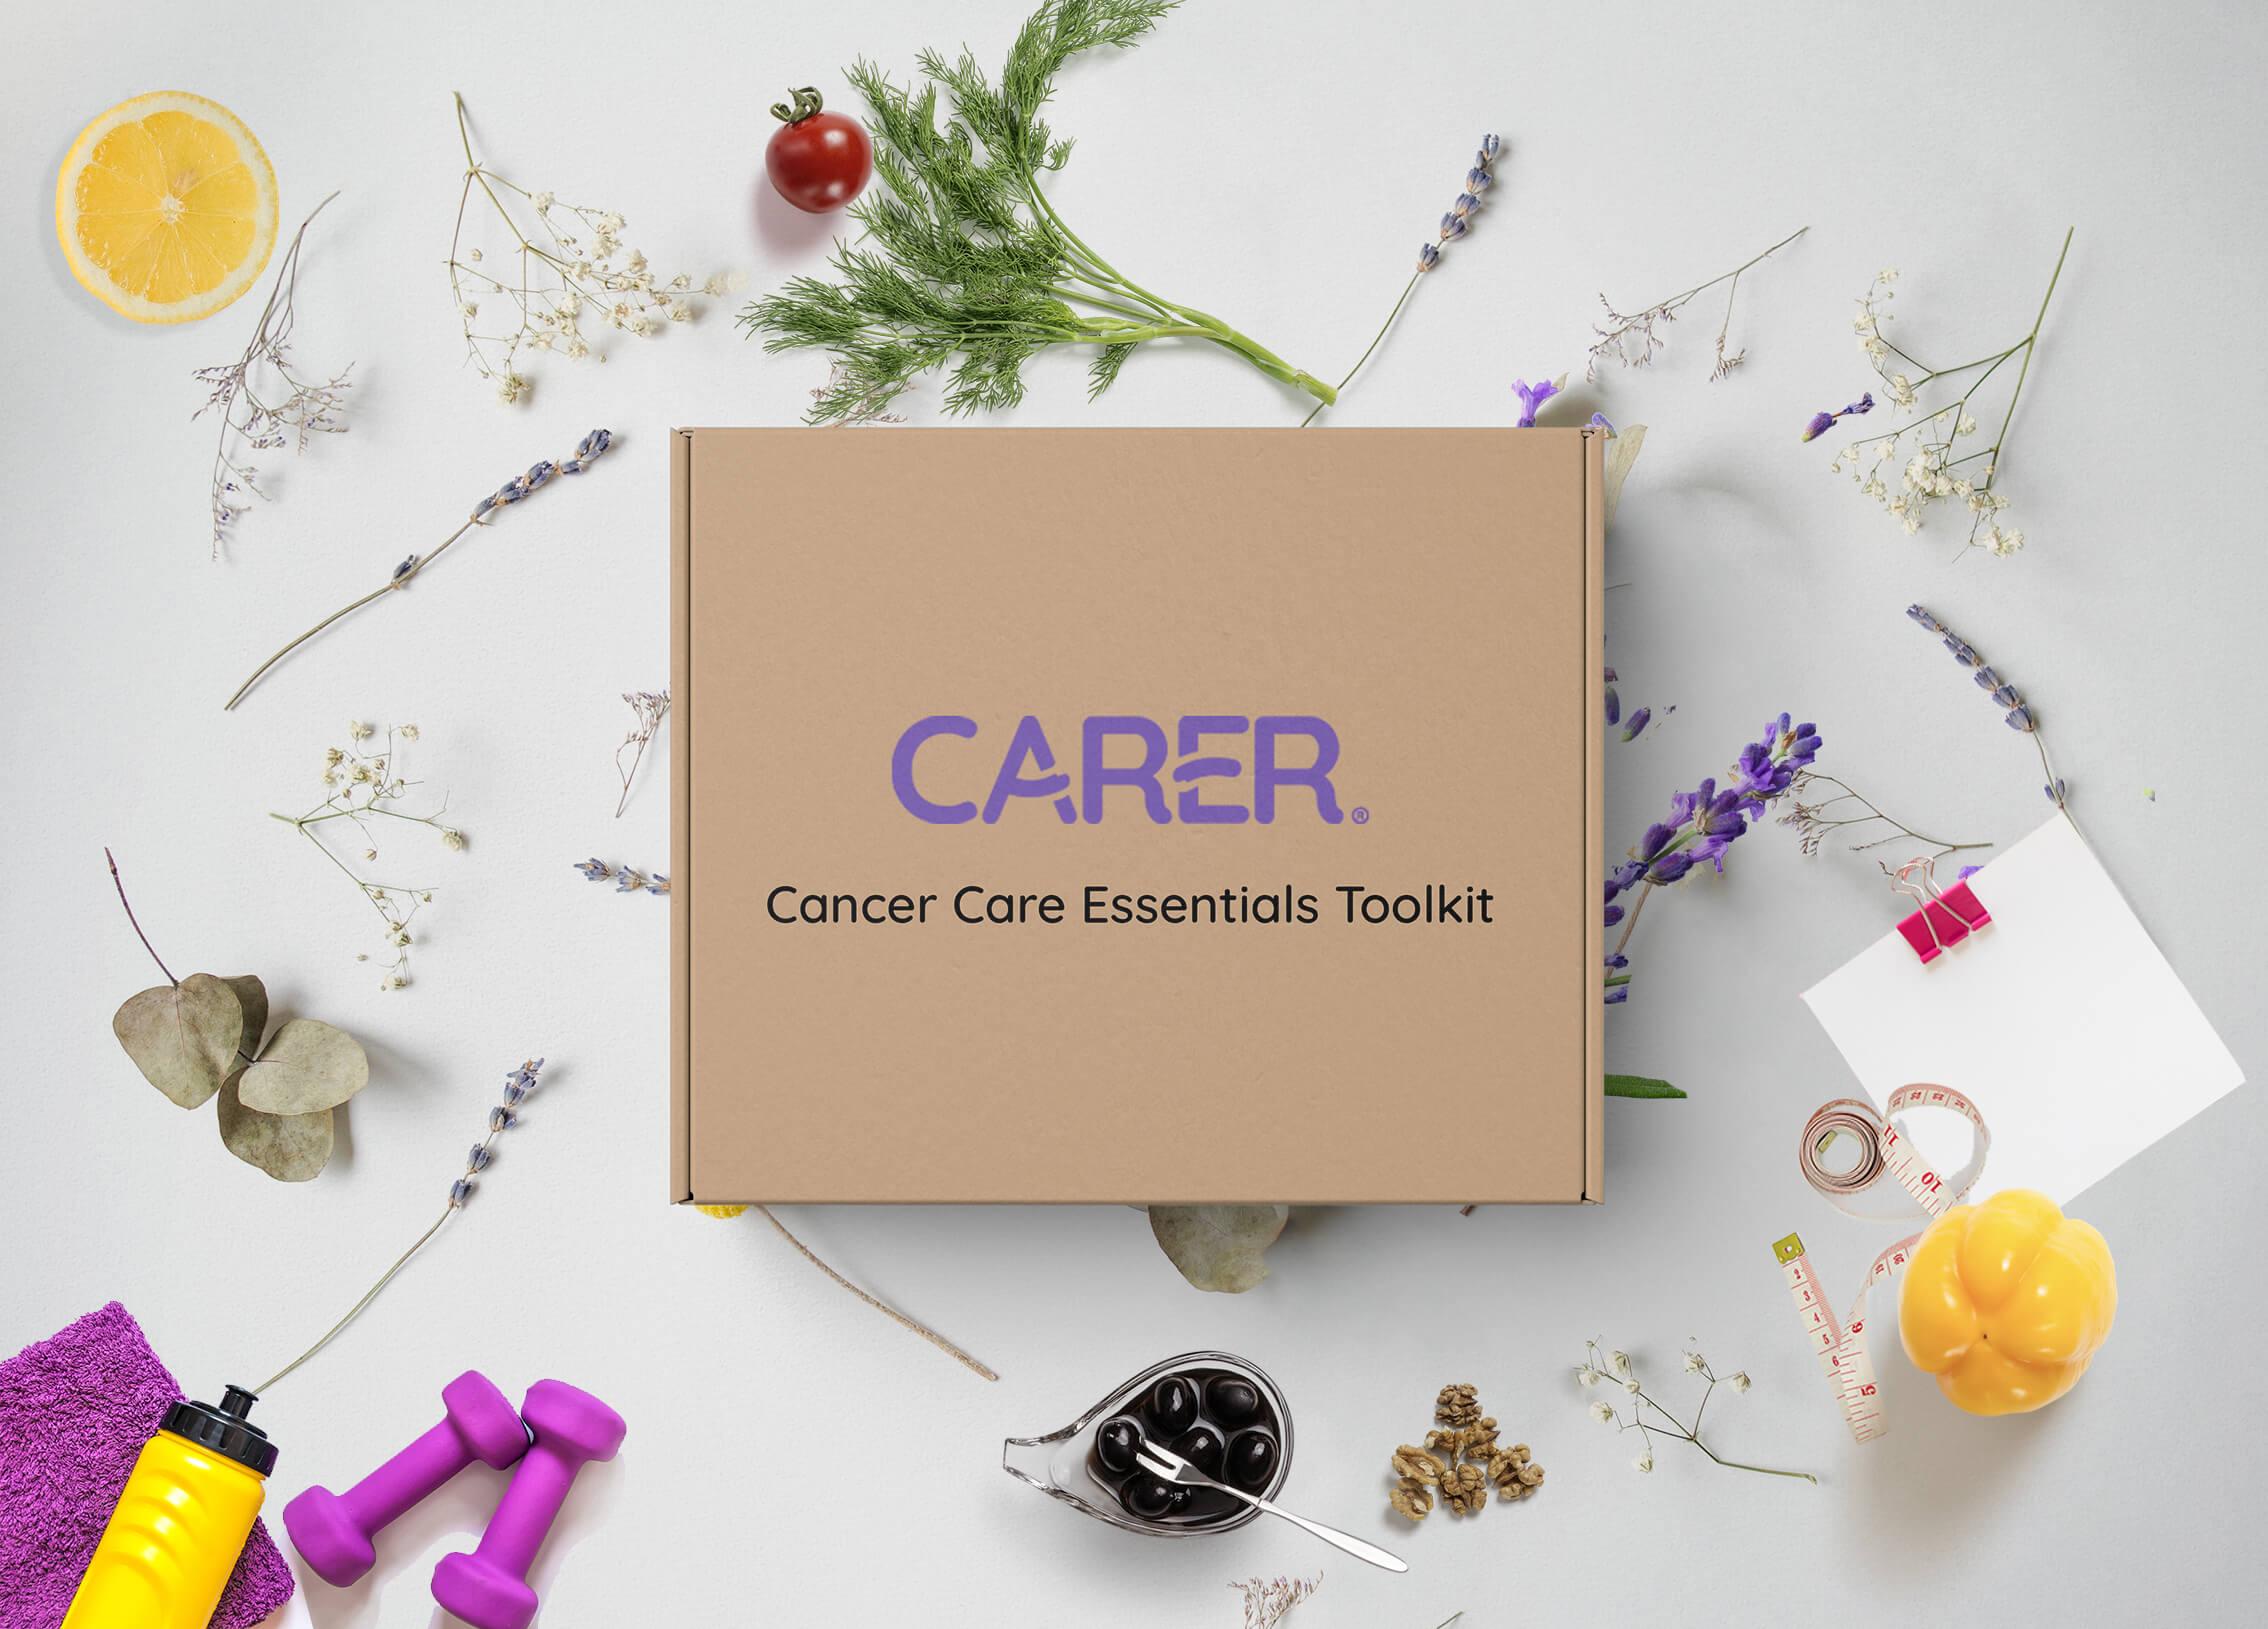 Cancer Care Essentials Toolkit